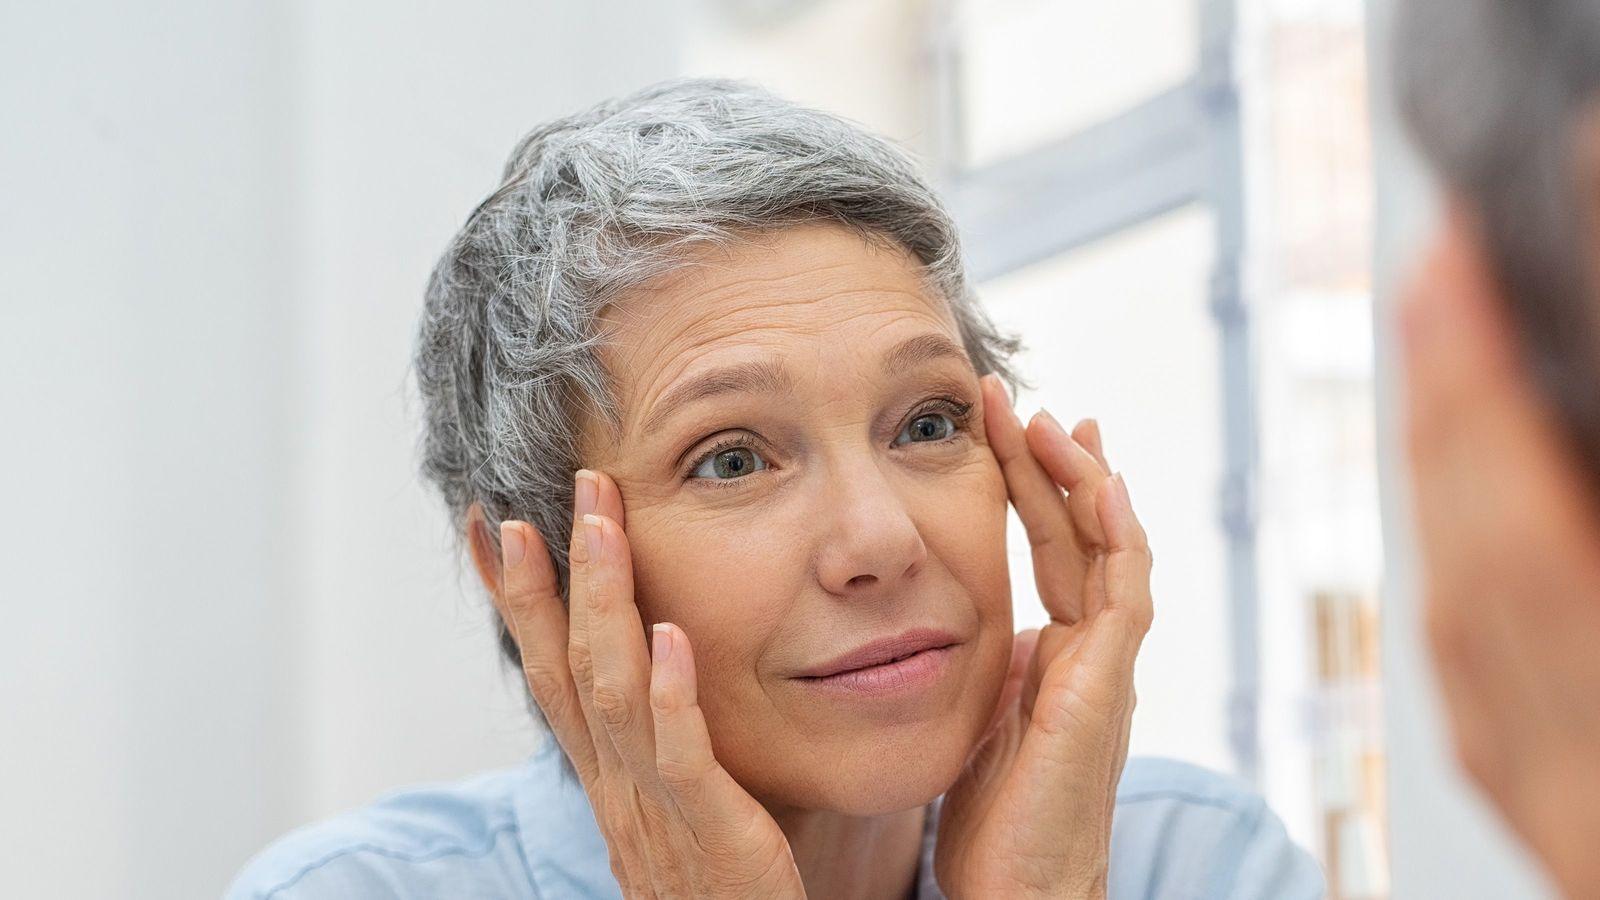 1日100回深呼吸するだけで血行がよくなる 体の老化防ぐ「一十百千万」の法則